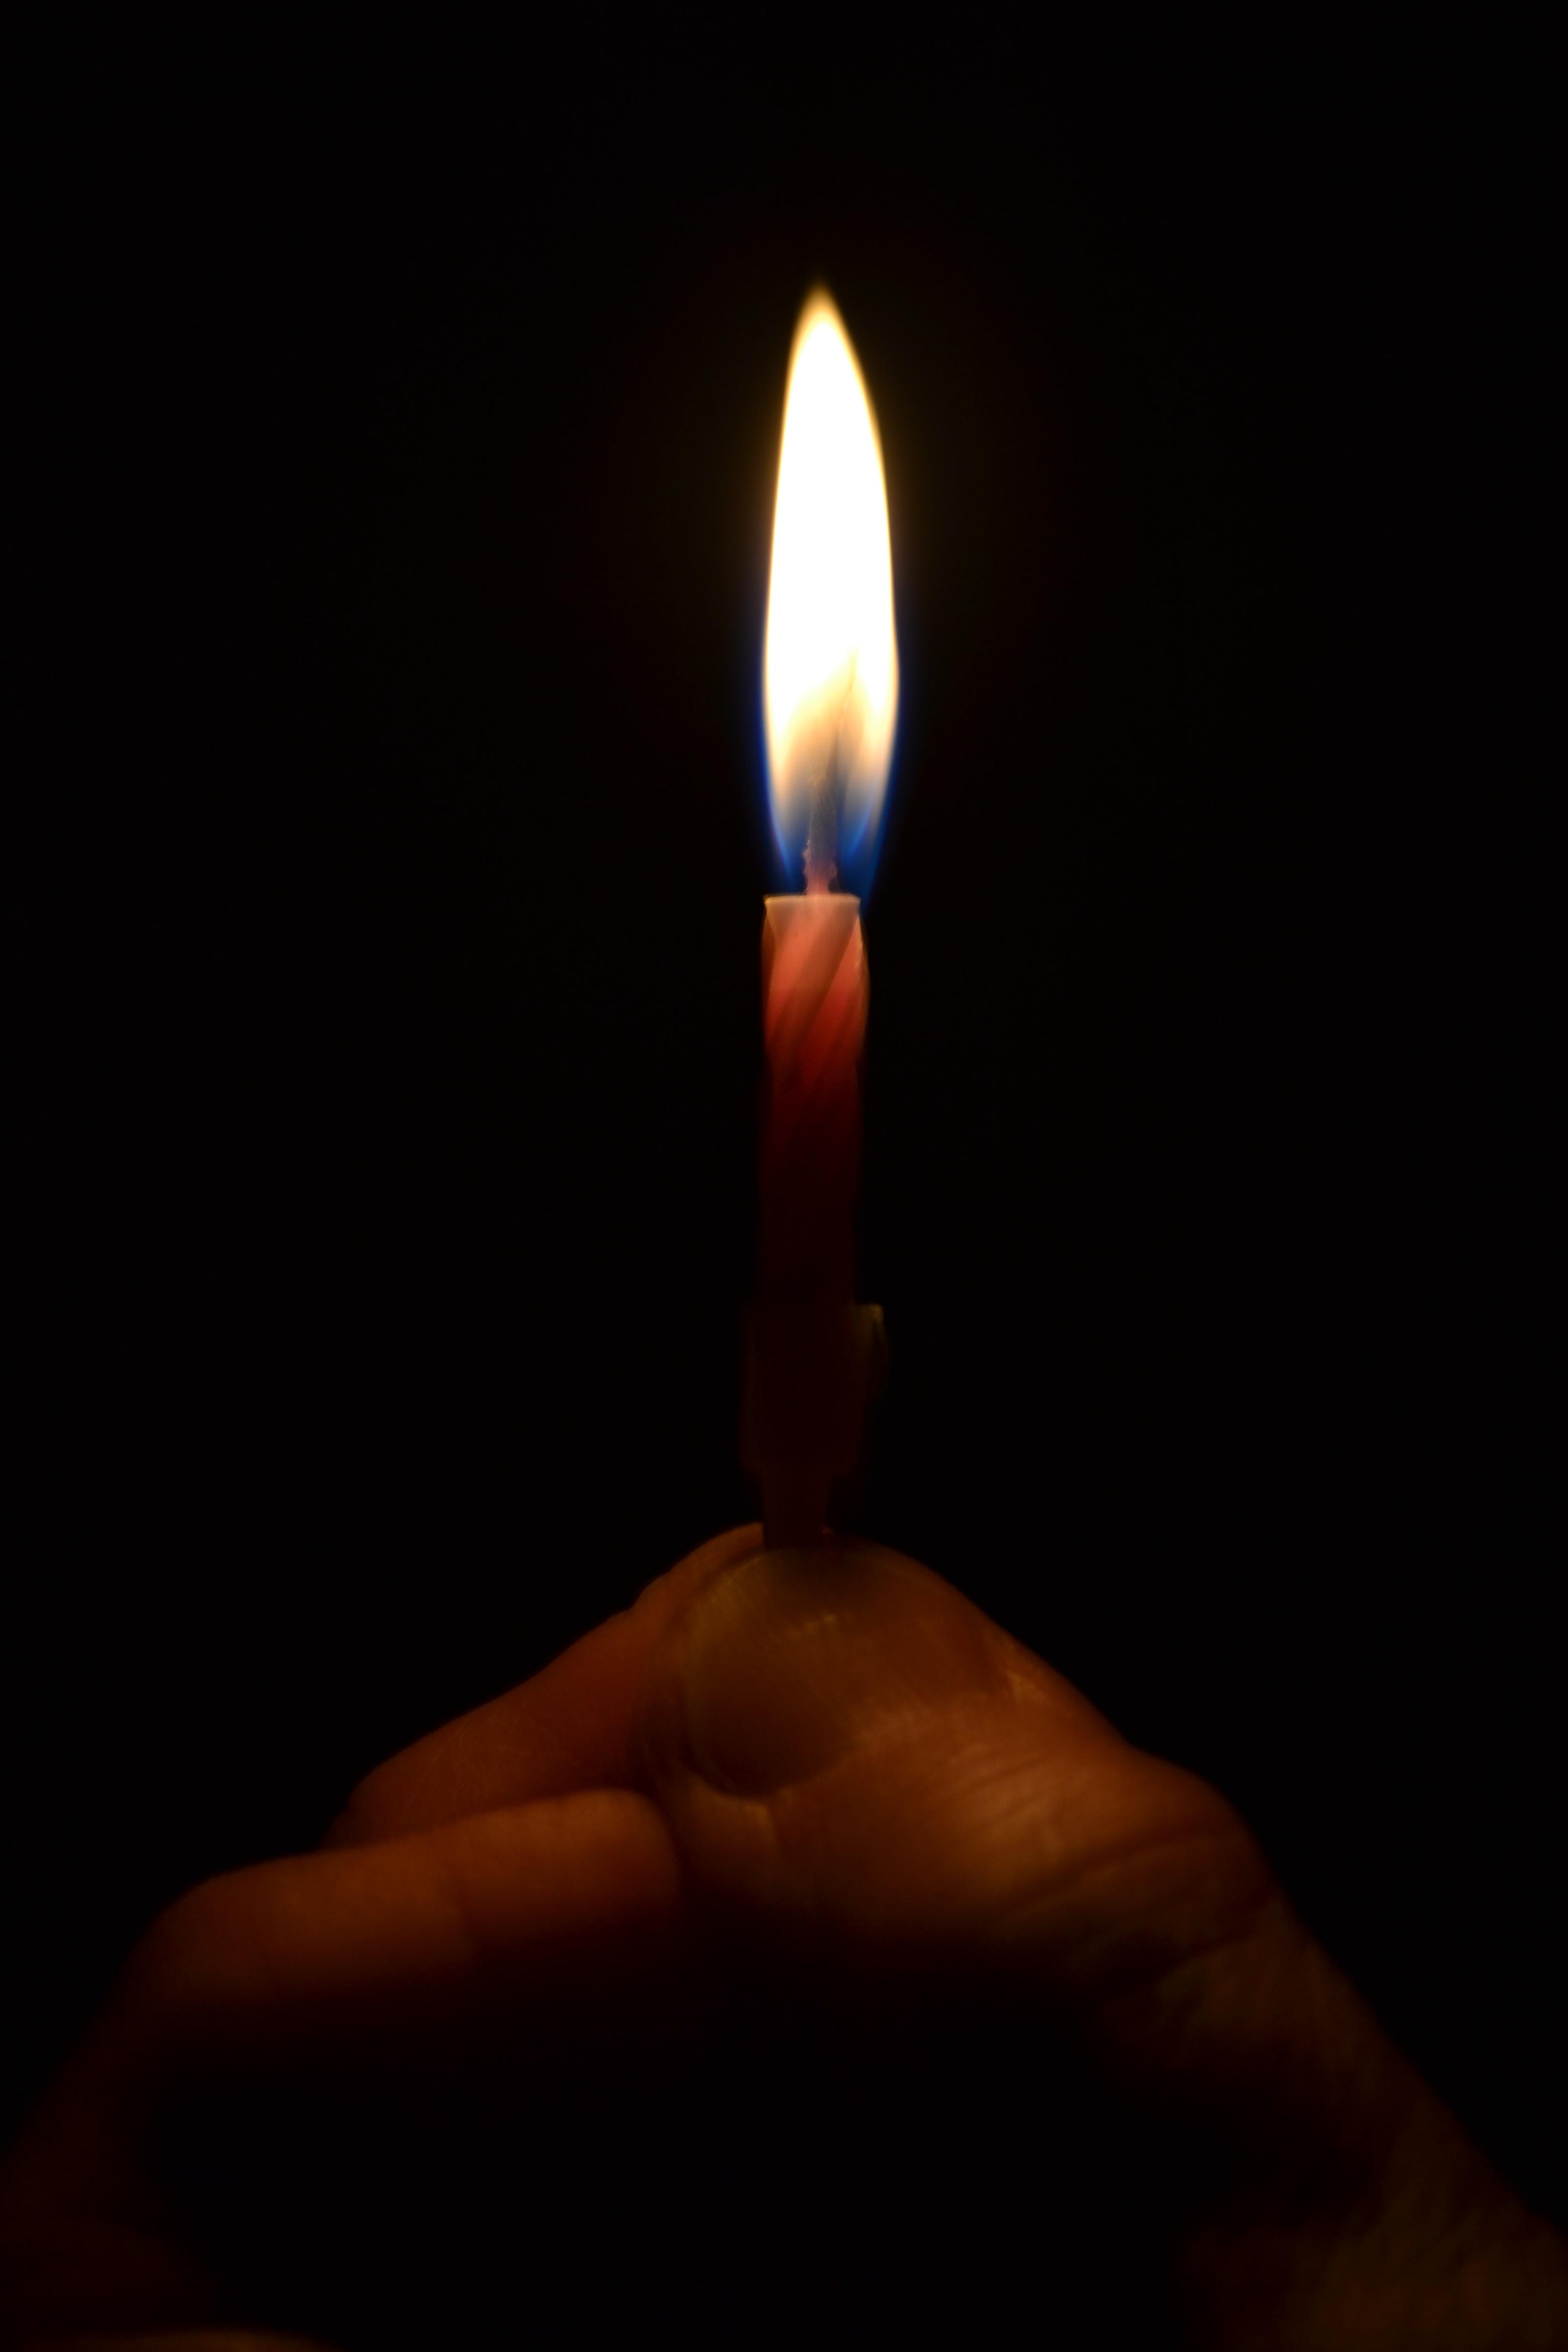 Gambar Tangan Cahaya Perayaan Api Kegelapan Penerangan Pesta Pertandingan Ulang Tahun Lilin Ulang Tahun 3072x4608 606958 Galeri Foto Pxhere